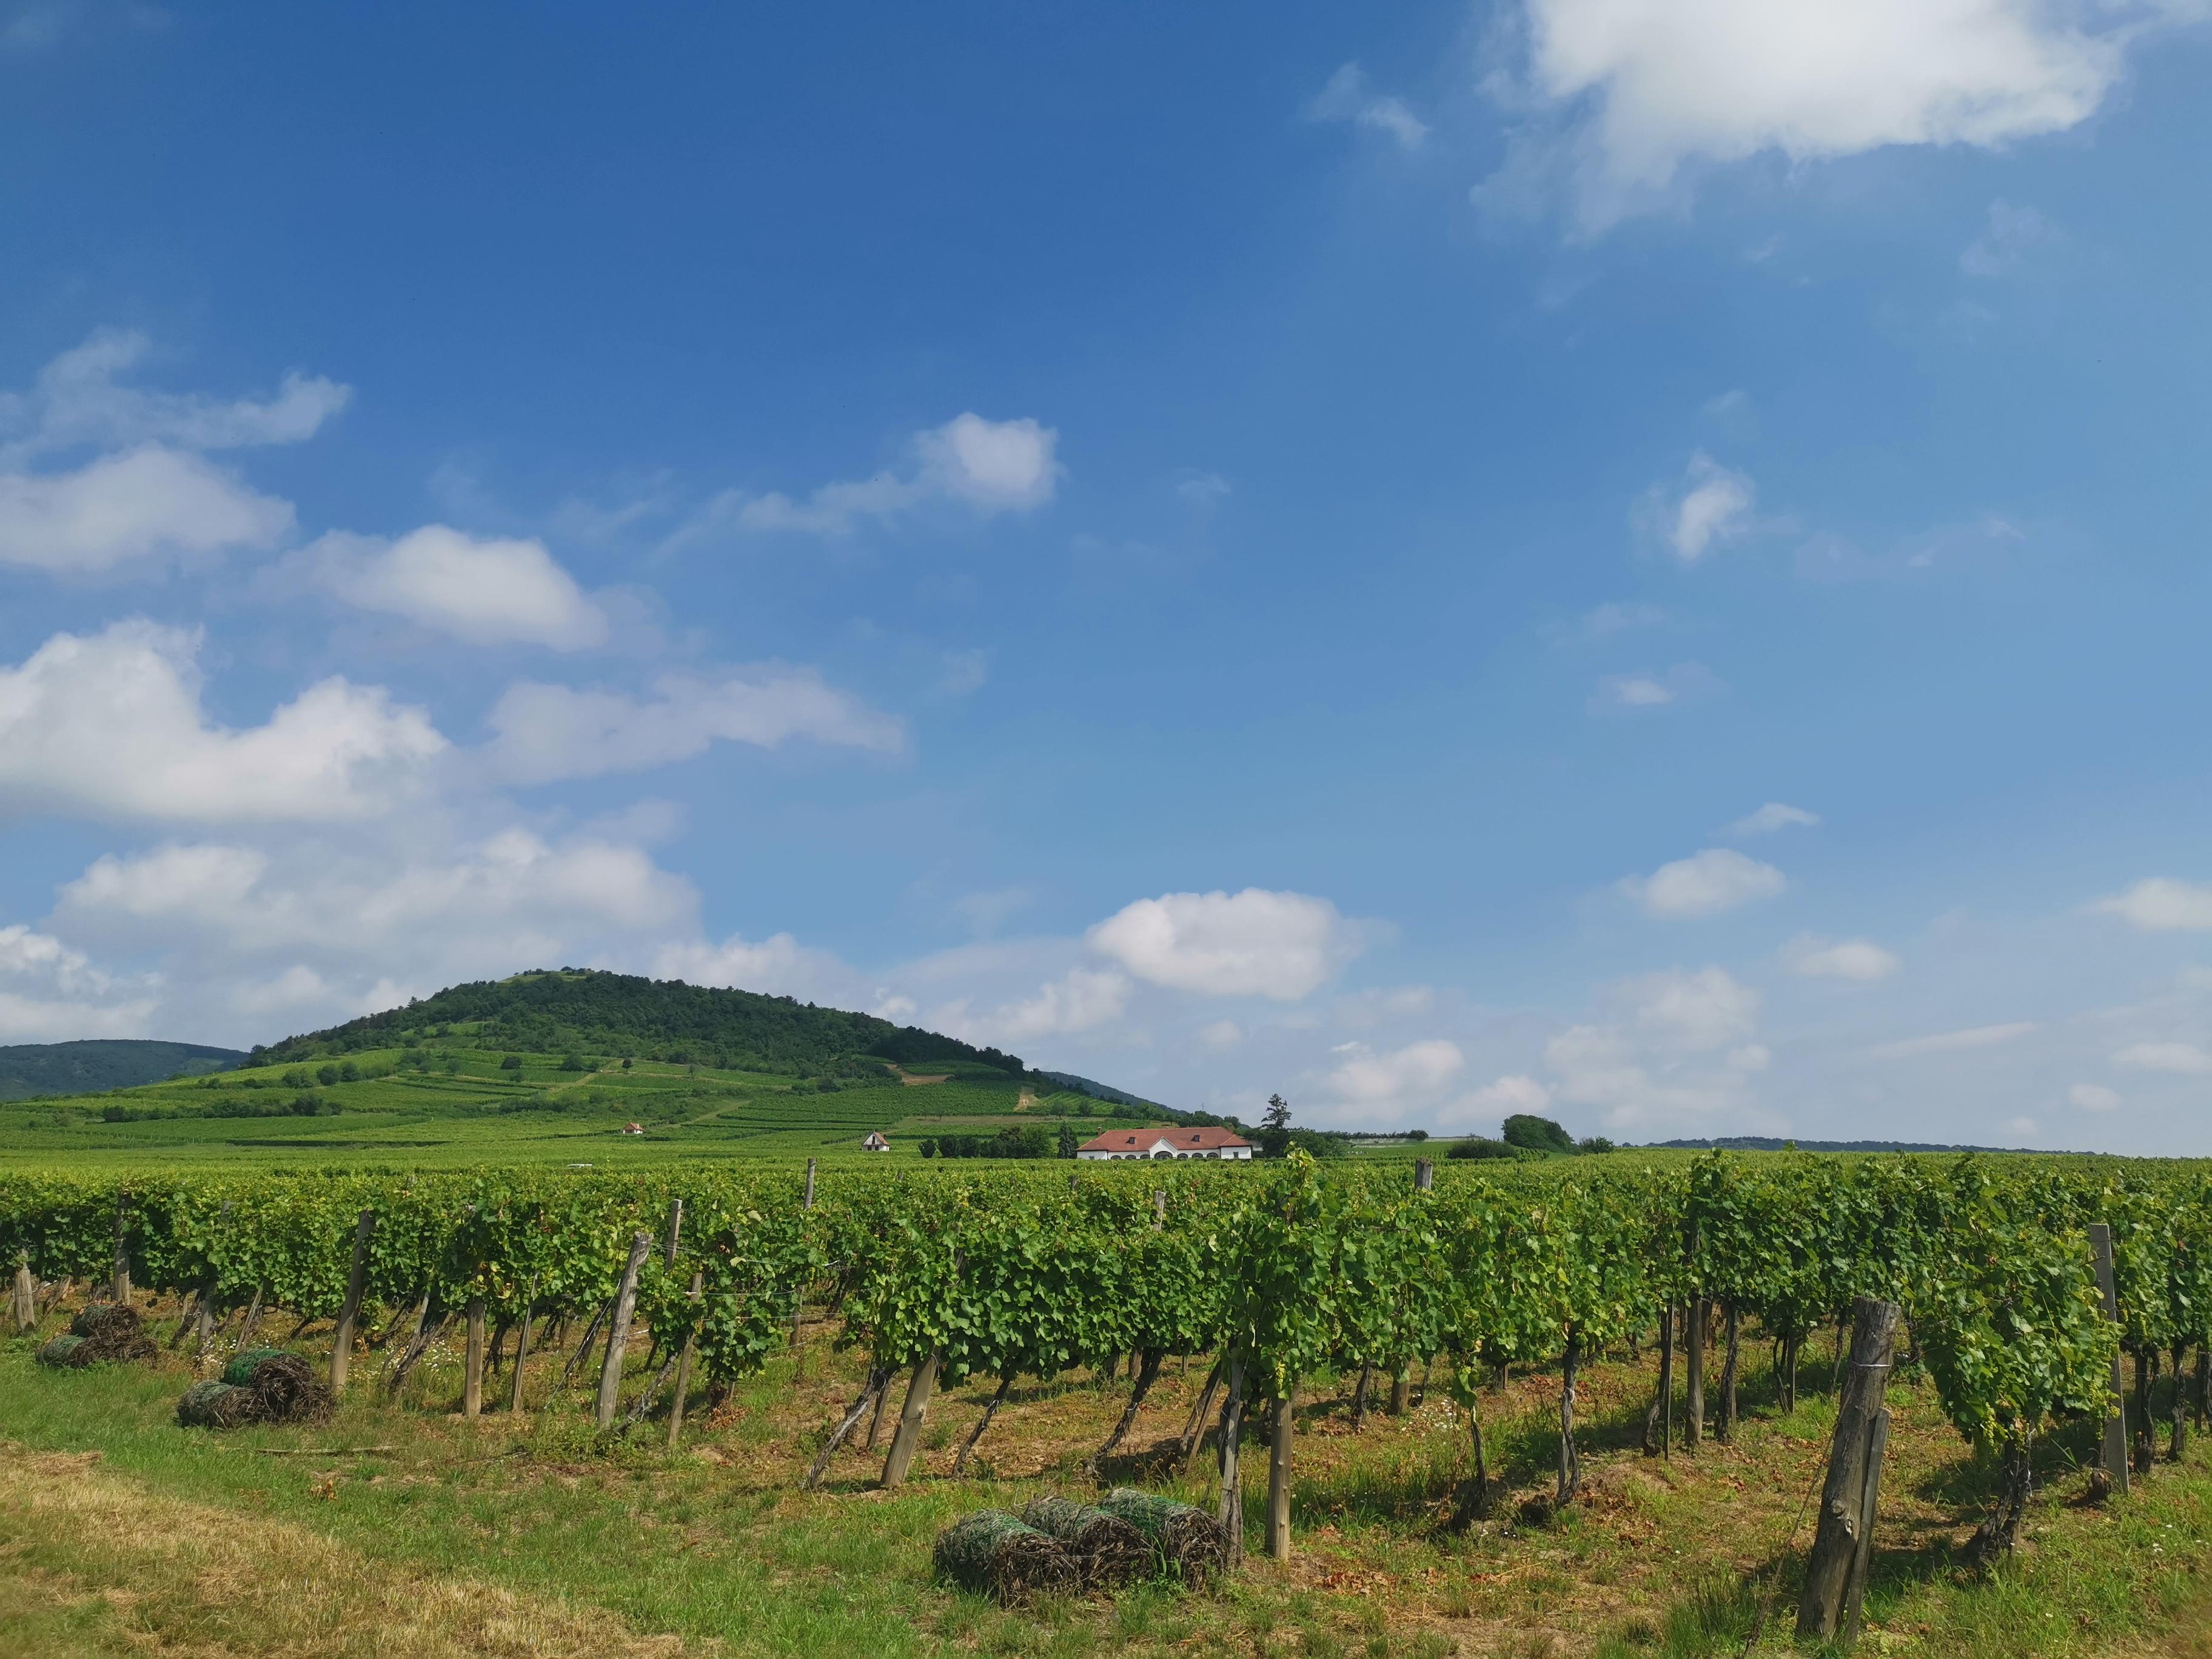 Tokaj-hegyalja: sokkal több egy gyönyörű borvidéknél